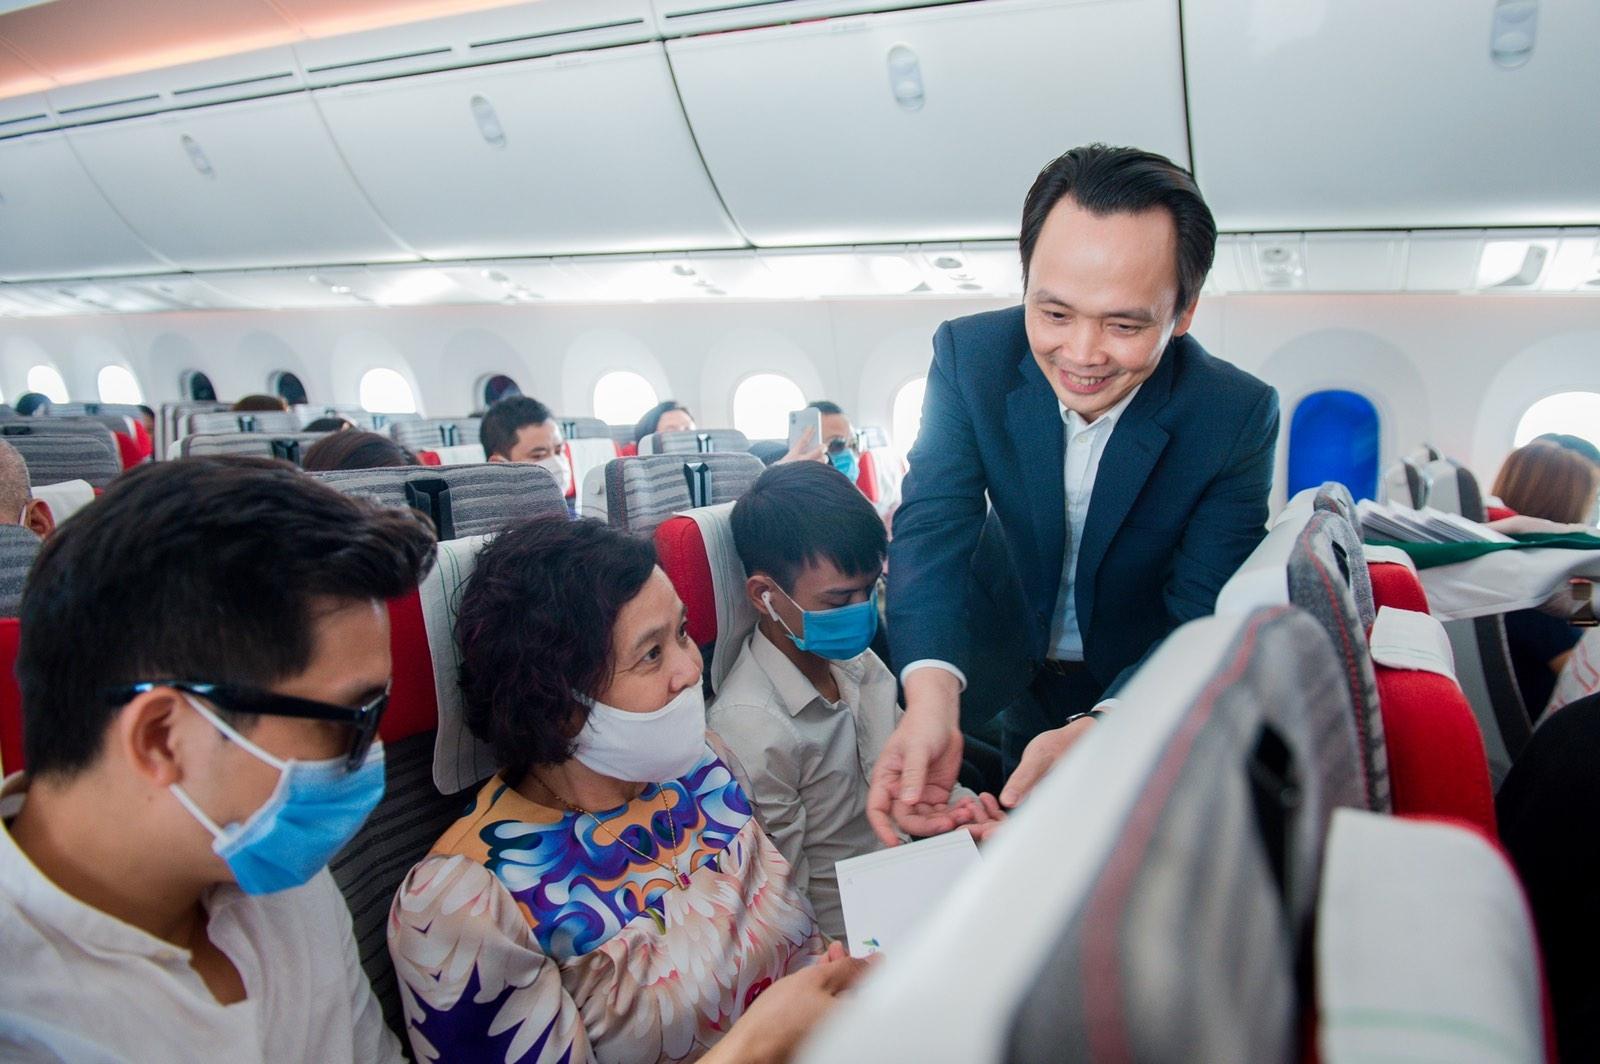 Chủ tịch Bamboo Airways xuất hiện trên khoang tặng quà hành khách trước thềm Quốc khánh 2/9